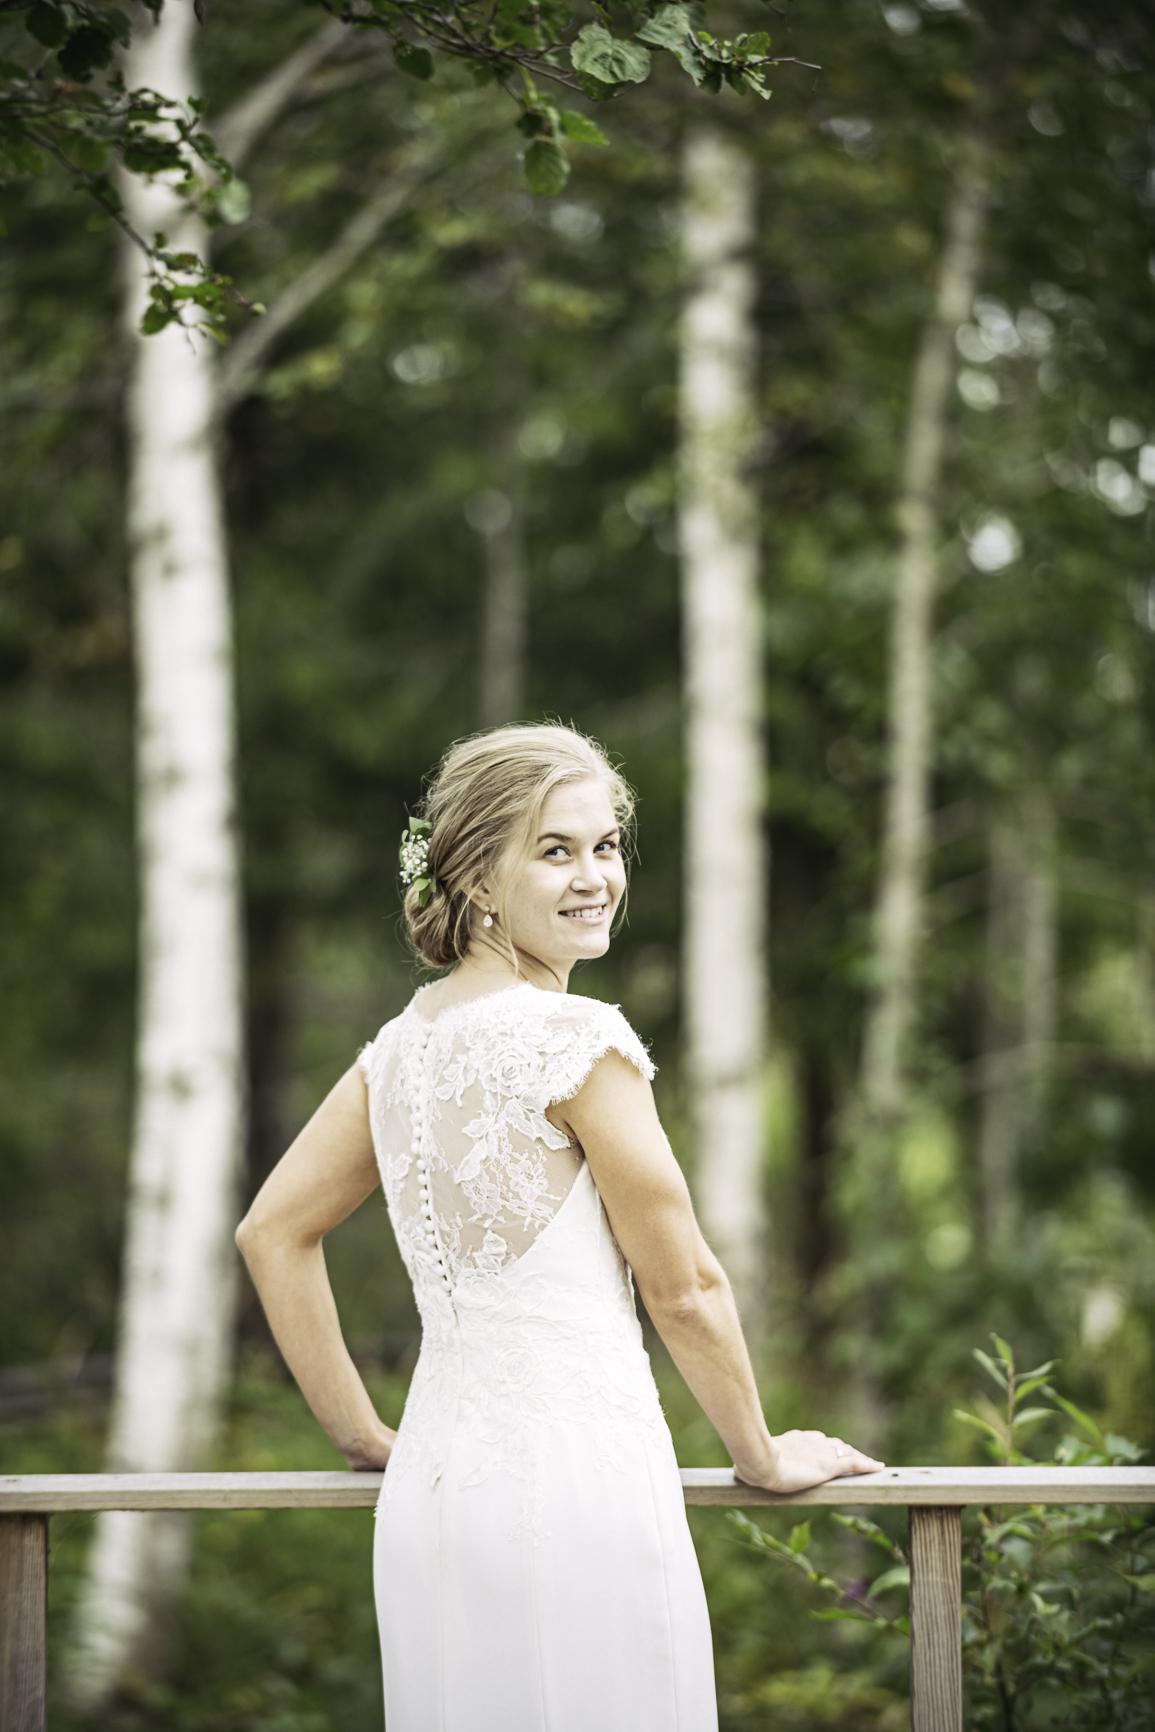 Bryllup – Brud